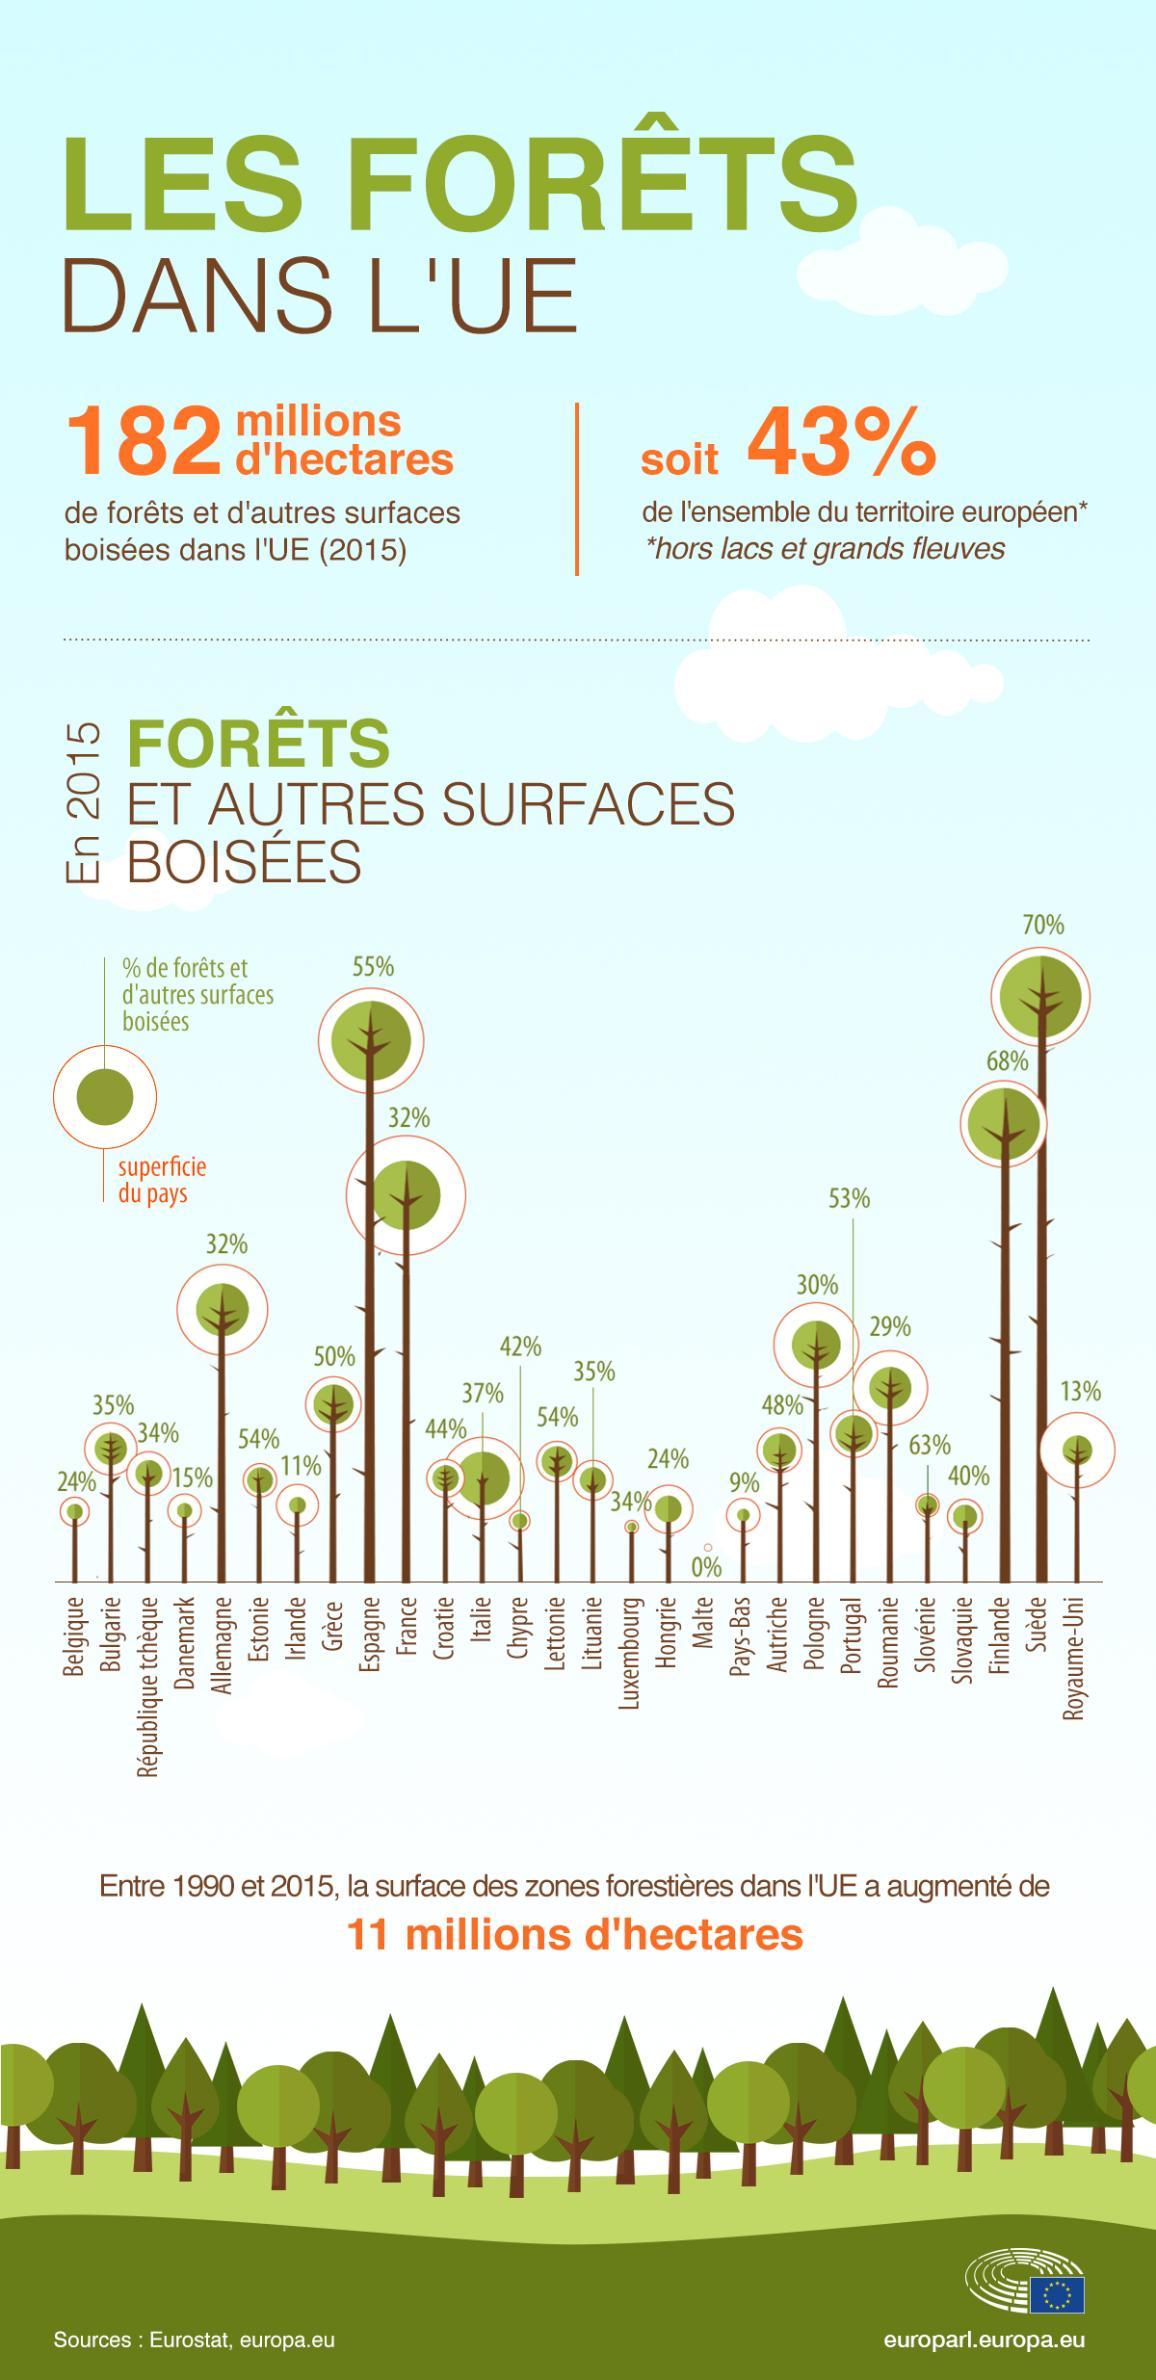 Infographie sur les forêts dans l'UE